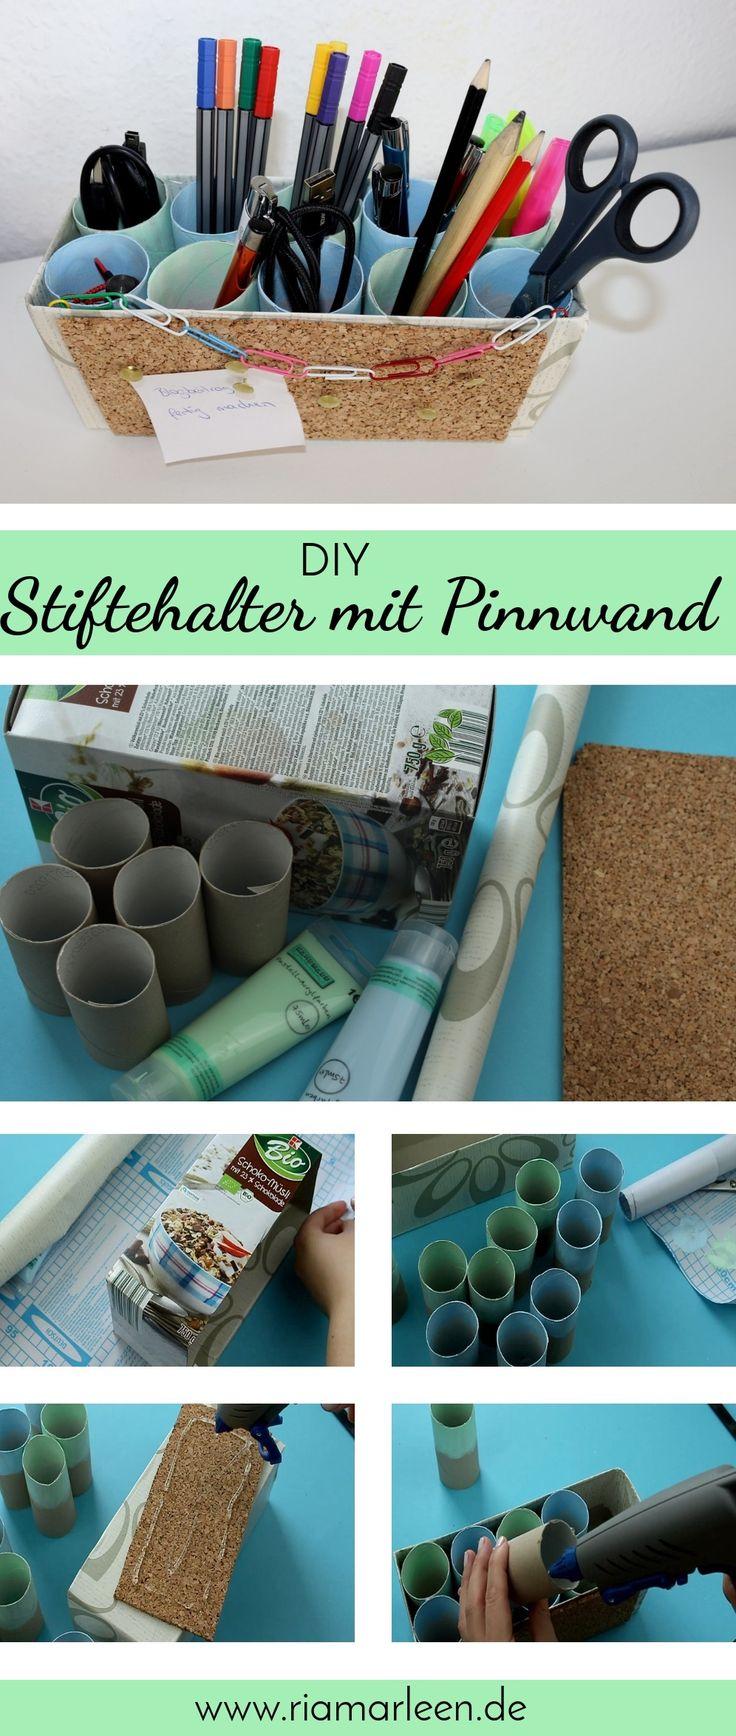 DIY Stiftehalter Mit Integrierter Pinnwand + Video. Nie Wieder Unordnung  Auf Dem Schreibtisch ...